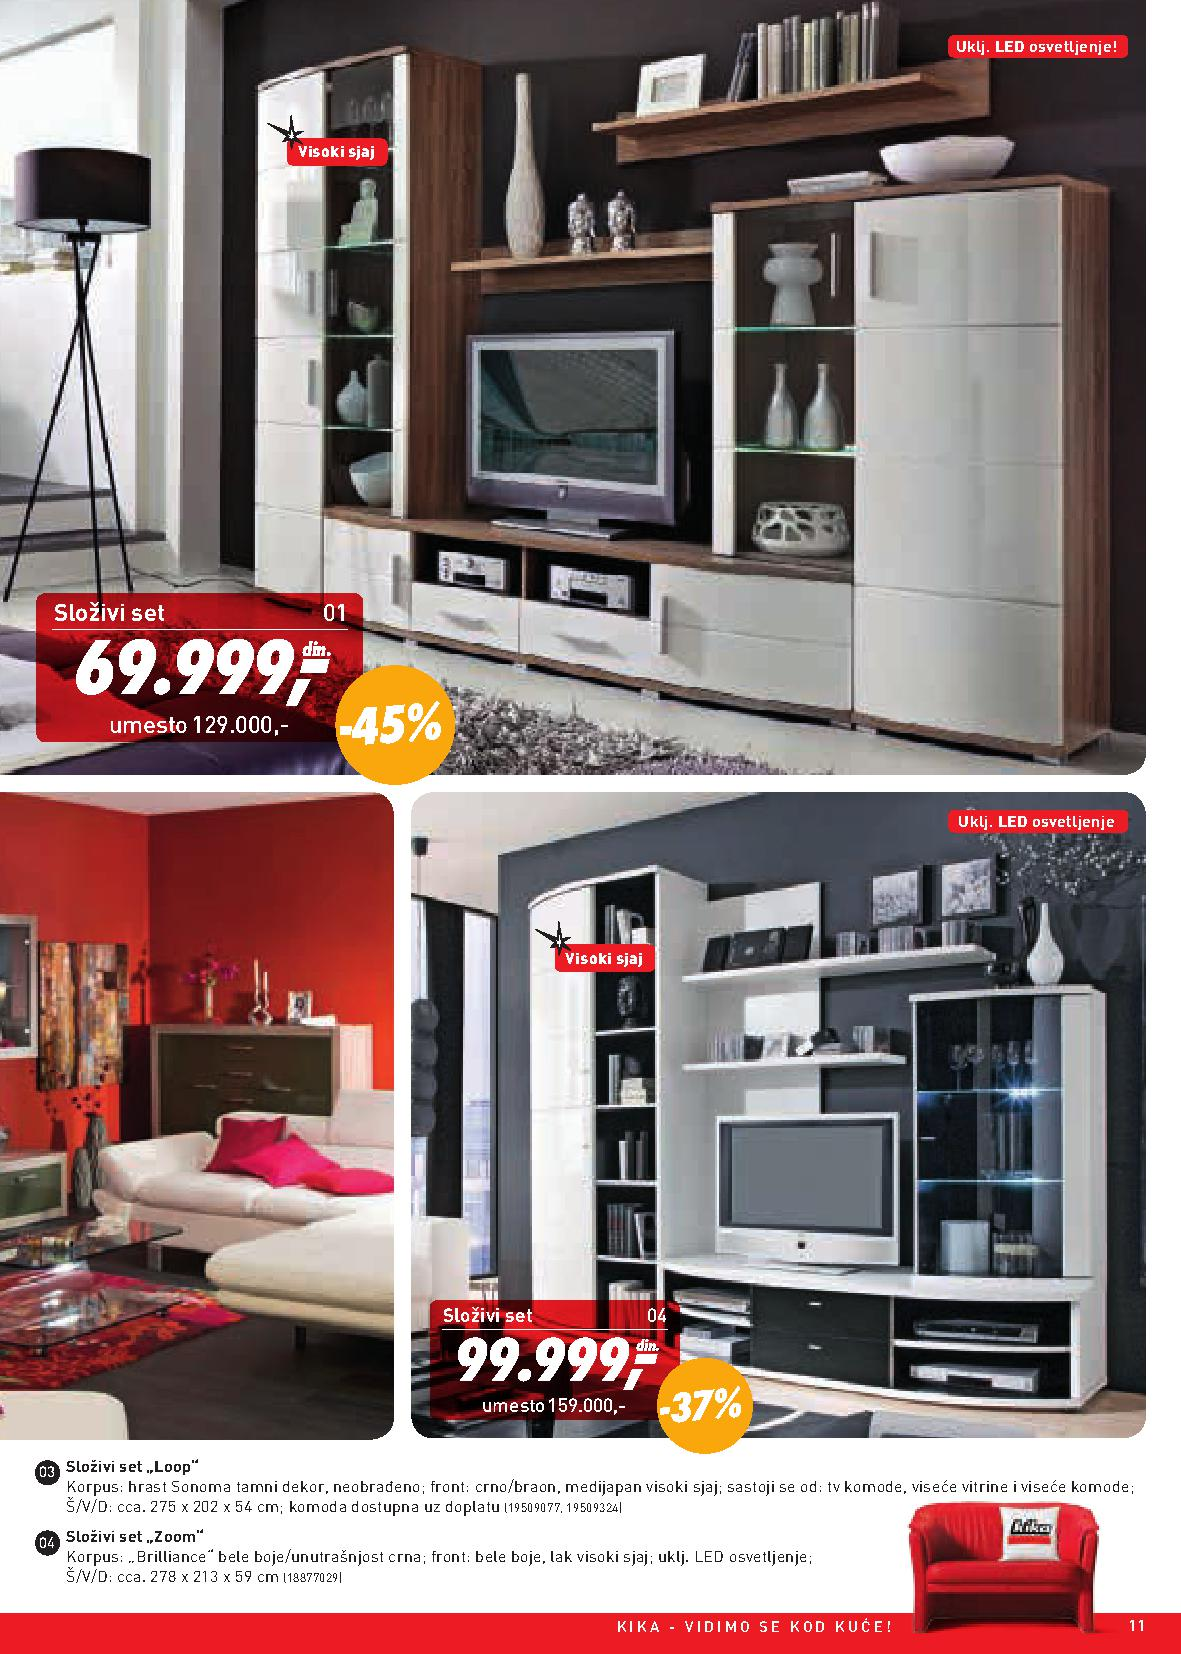 Kika akcija sve za vaš dom po odličnoj ceni